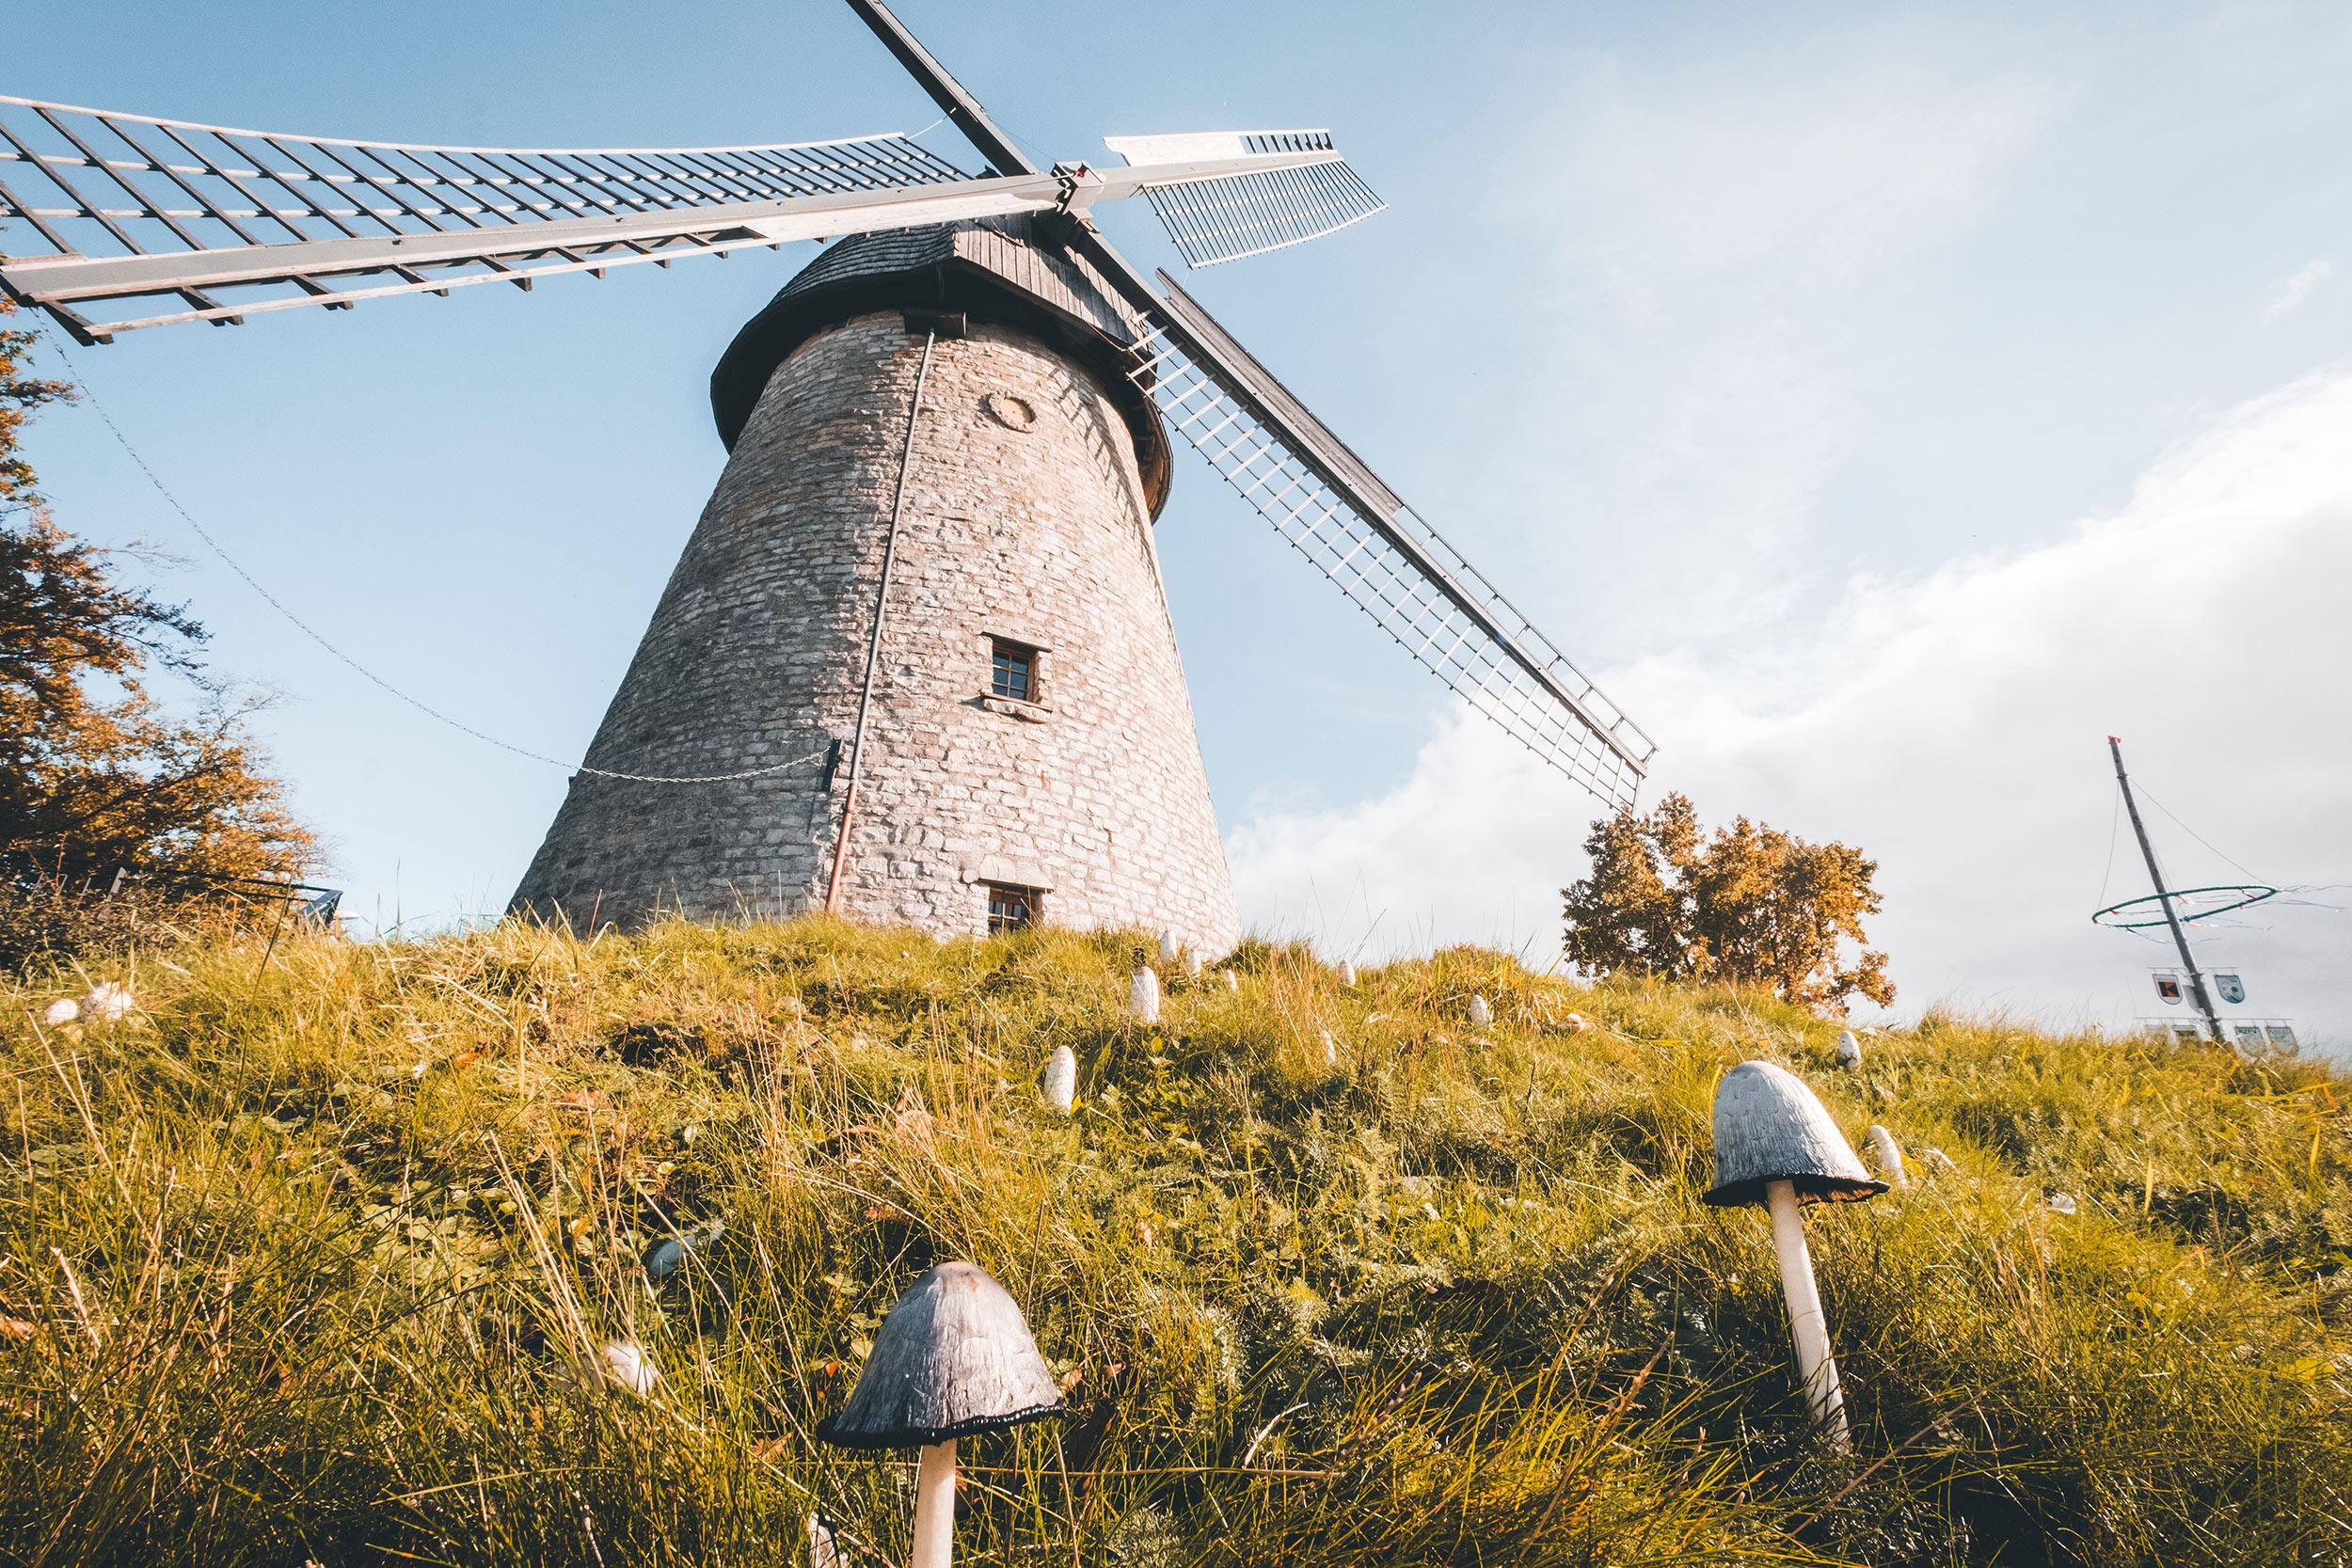 Windmühle Ennigerloh - 3-Tagestour mit dem Camper im Münsterland